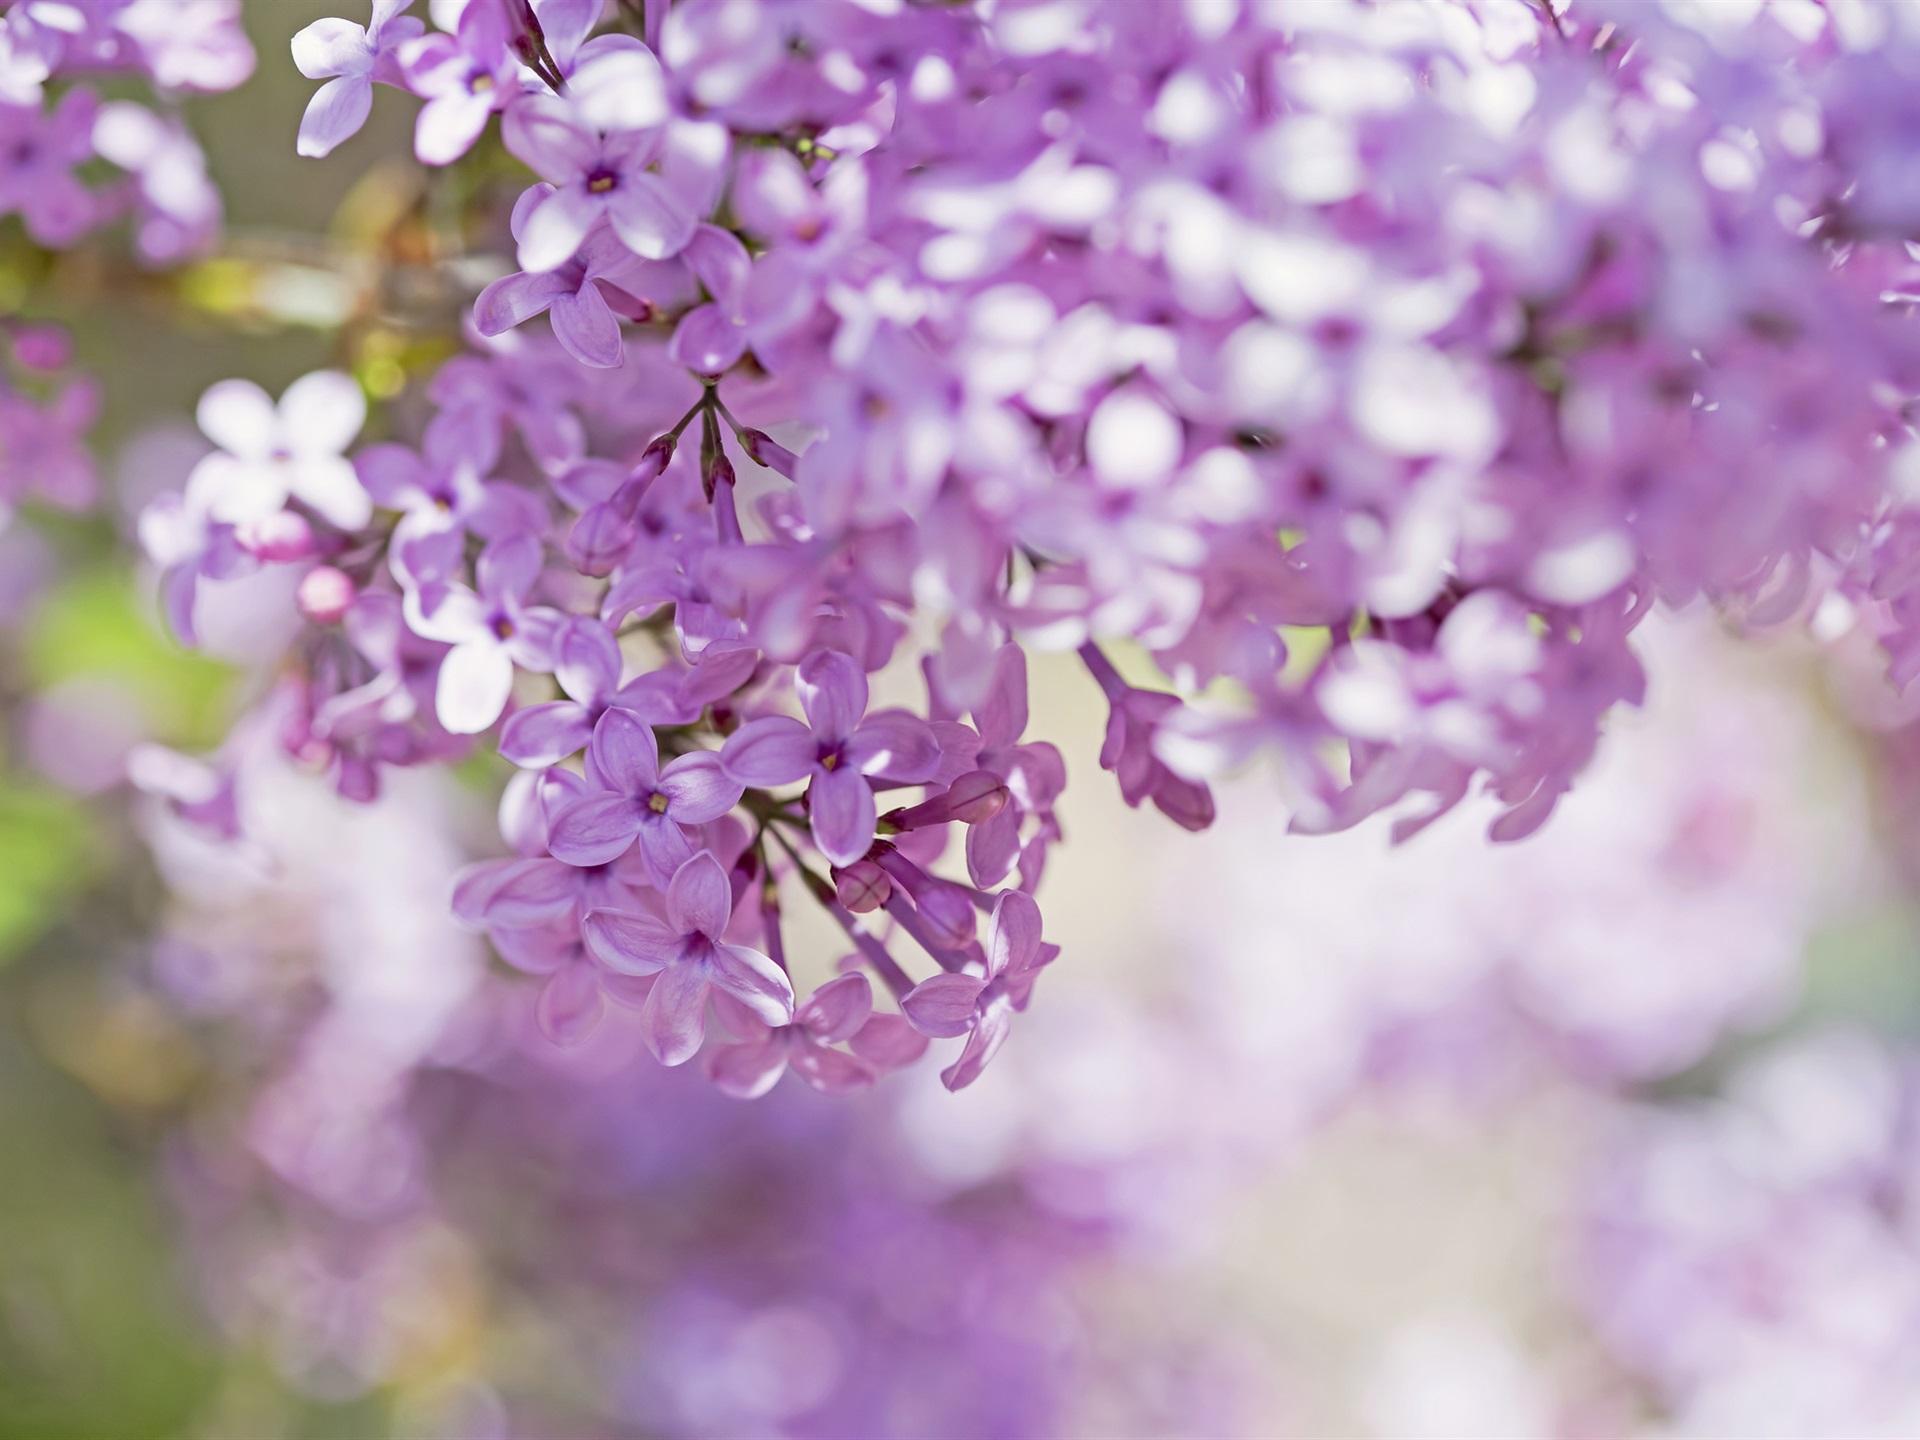 Lila Rosa Blüten Blumen Zweigen Bokeh 1920x1440 Hd